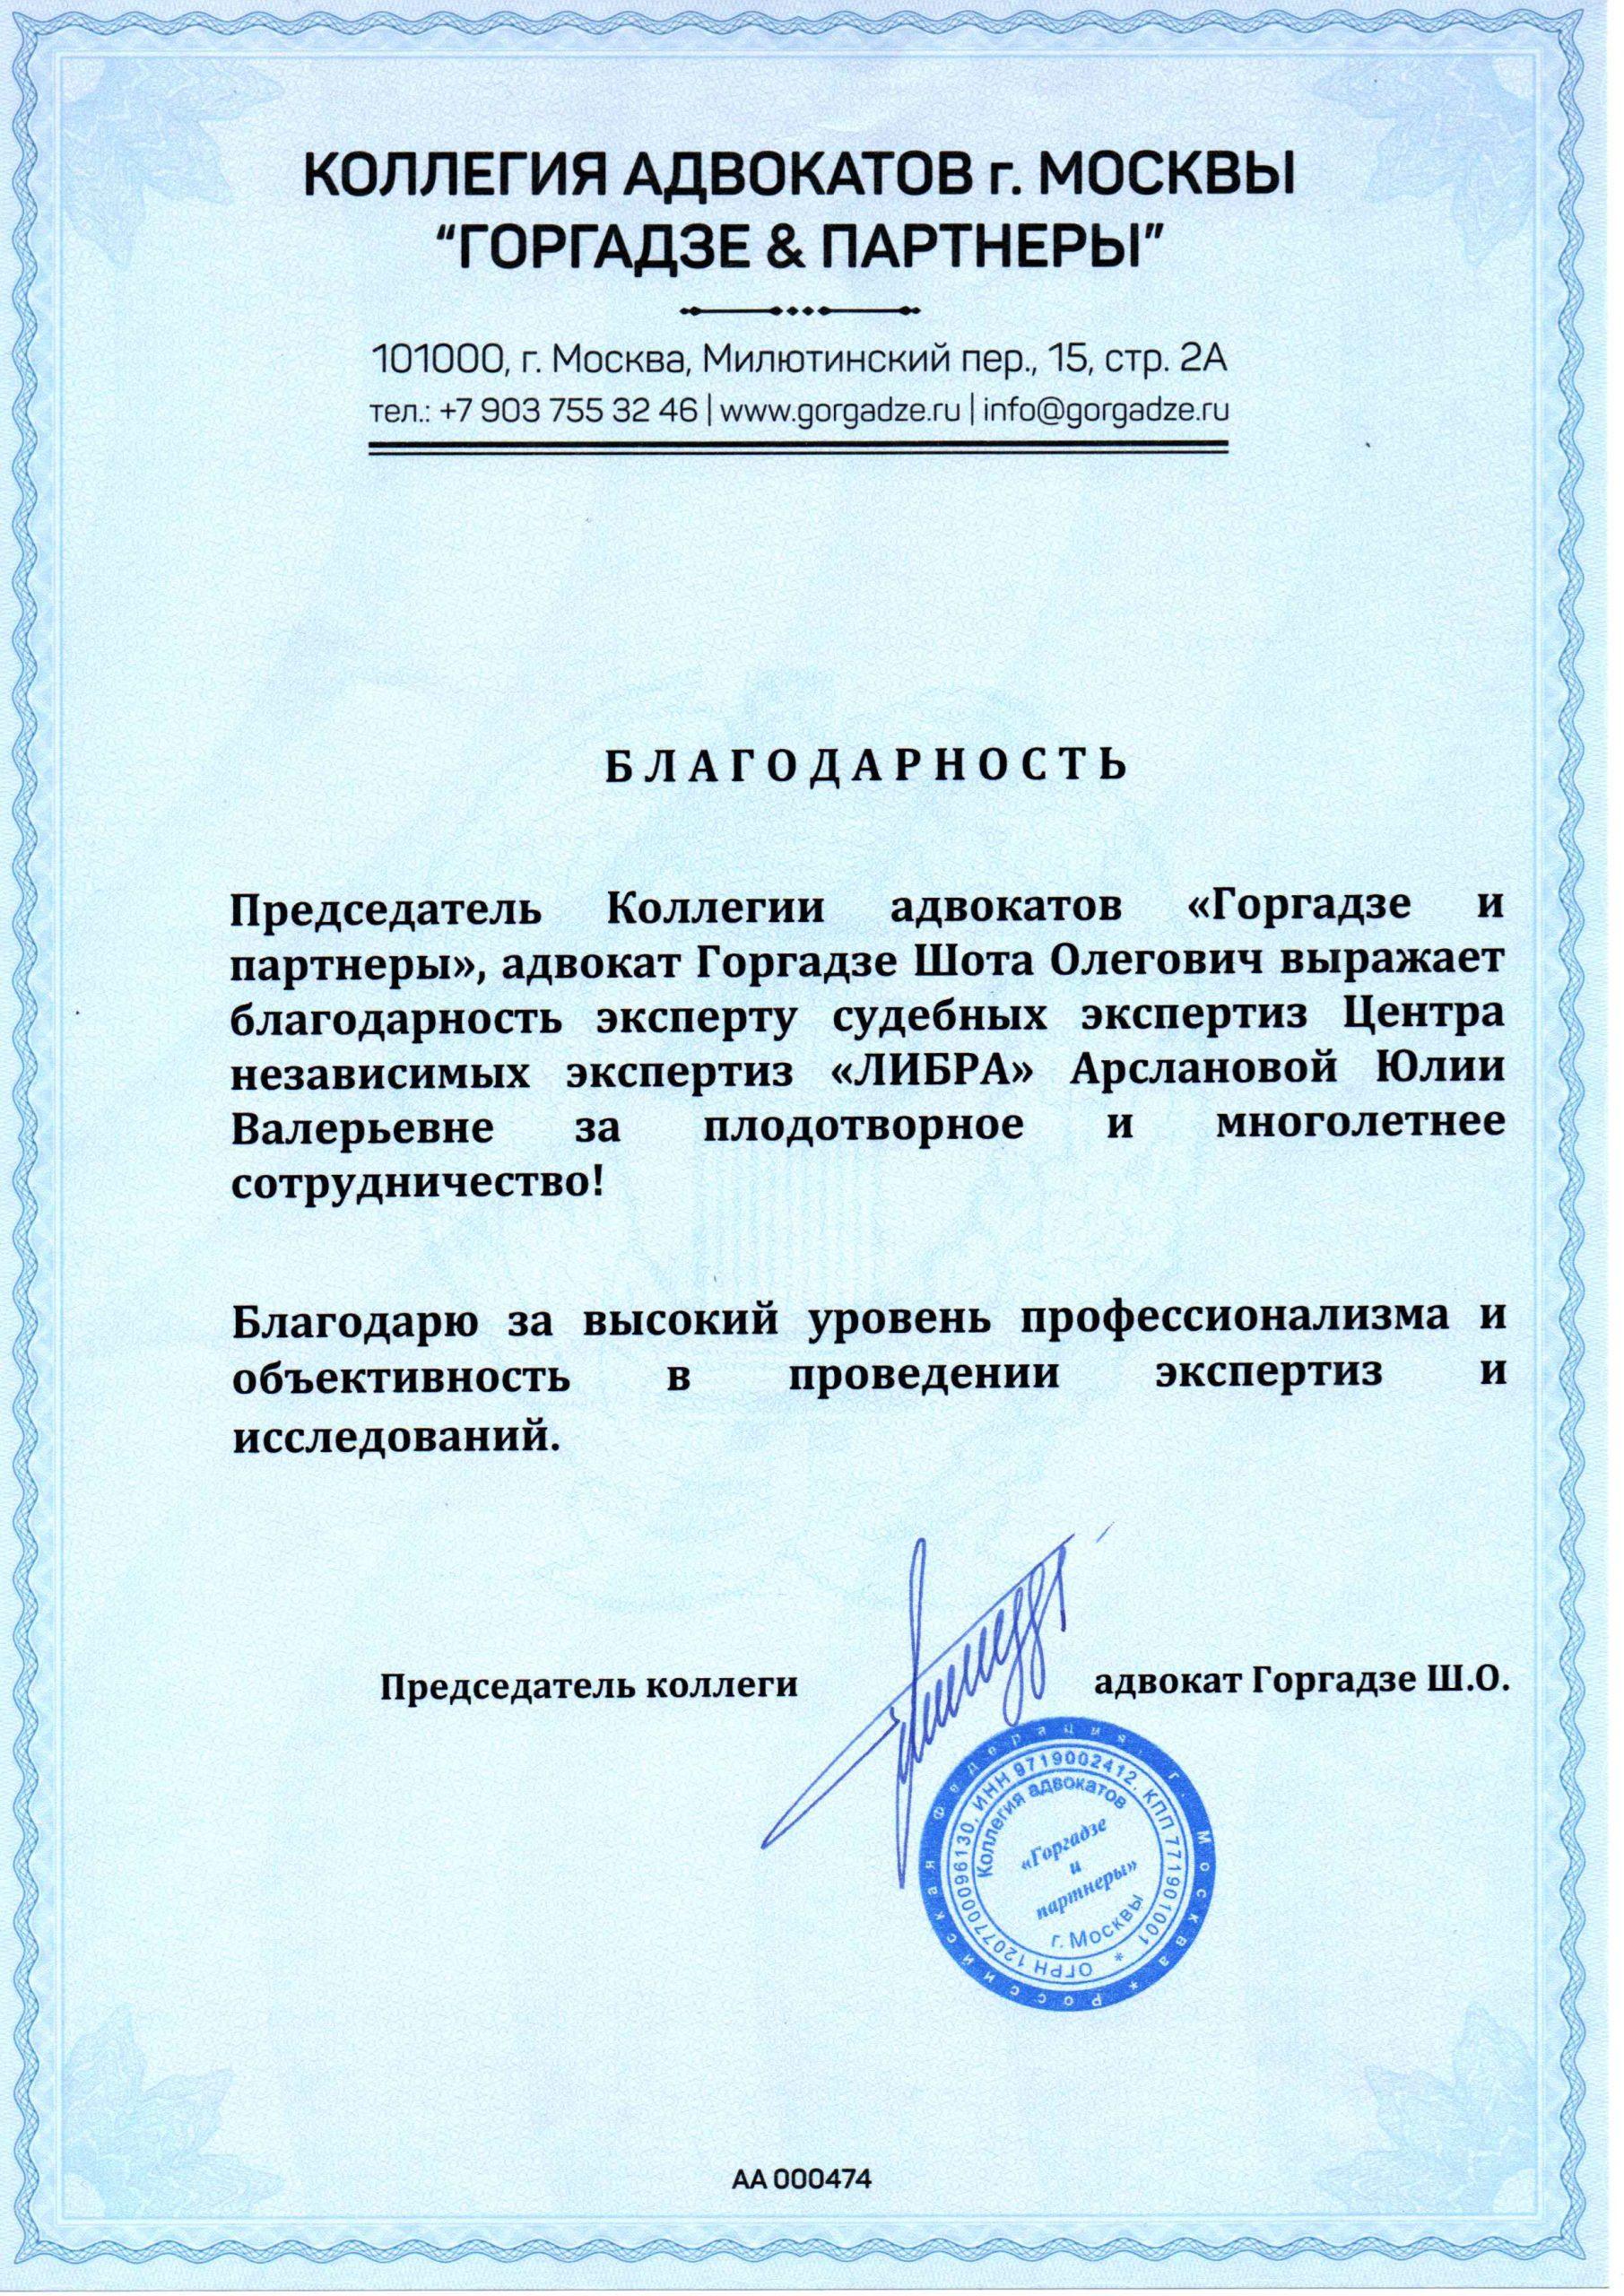 Благодарственное письмо Шота Олегович